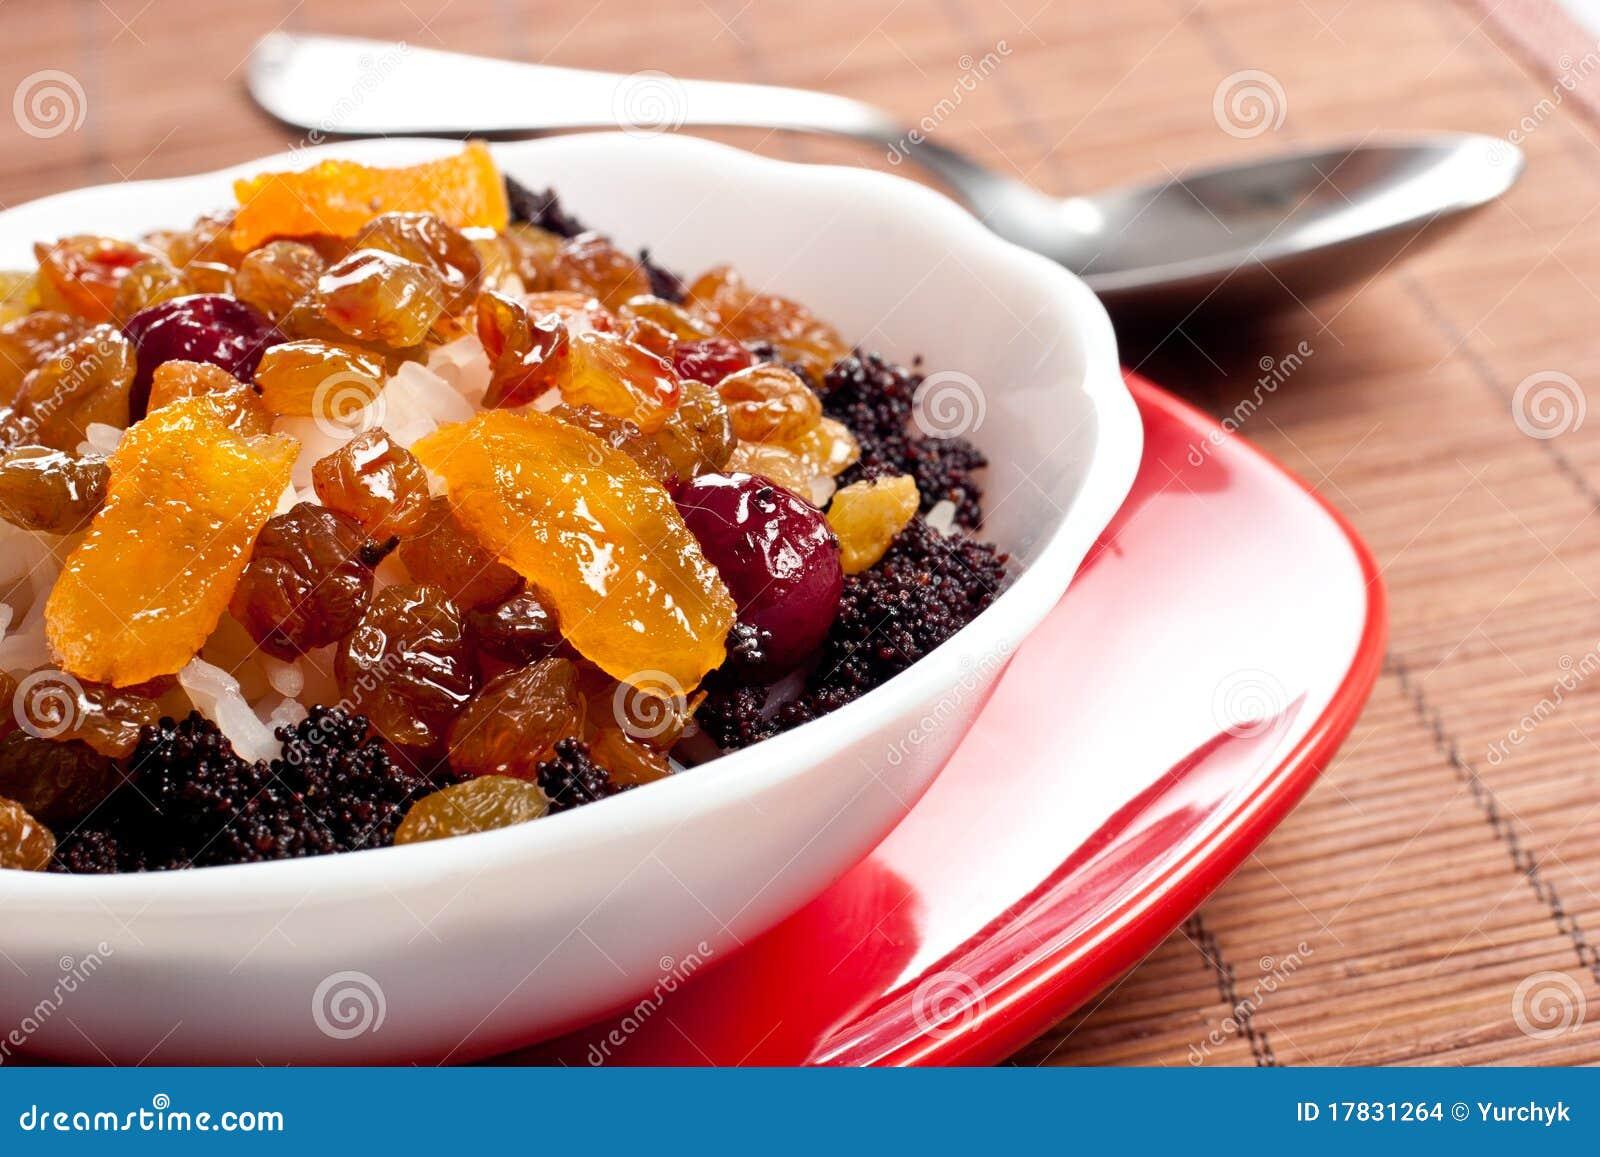 Plato dulce con arroz y frutas escarchadas foto de archivo for Platos dulces